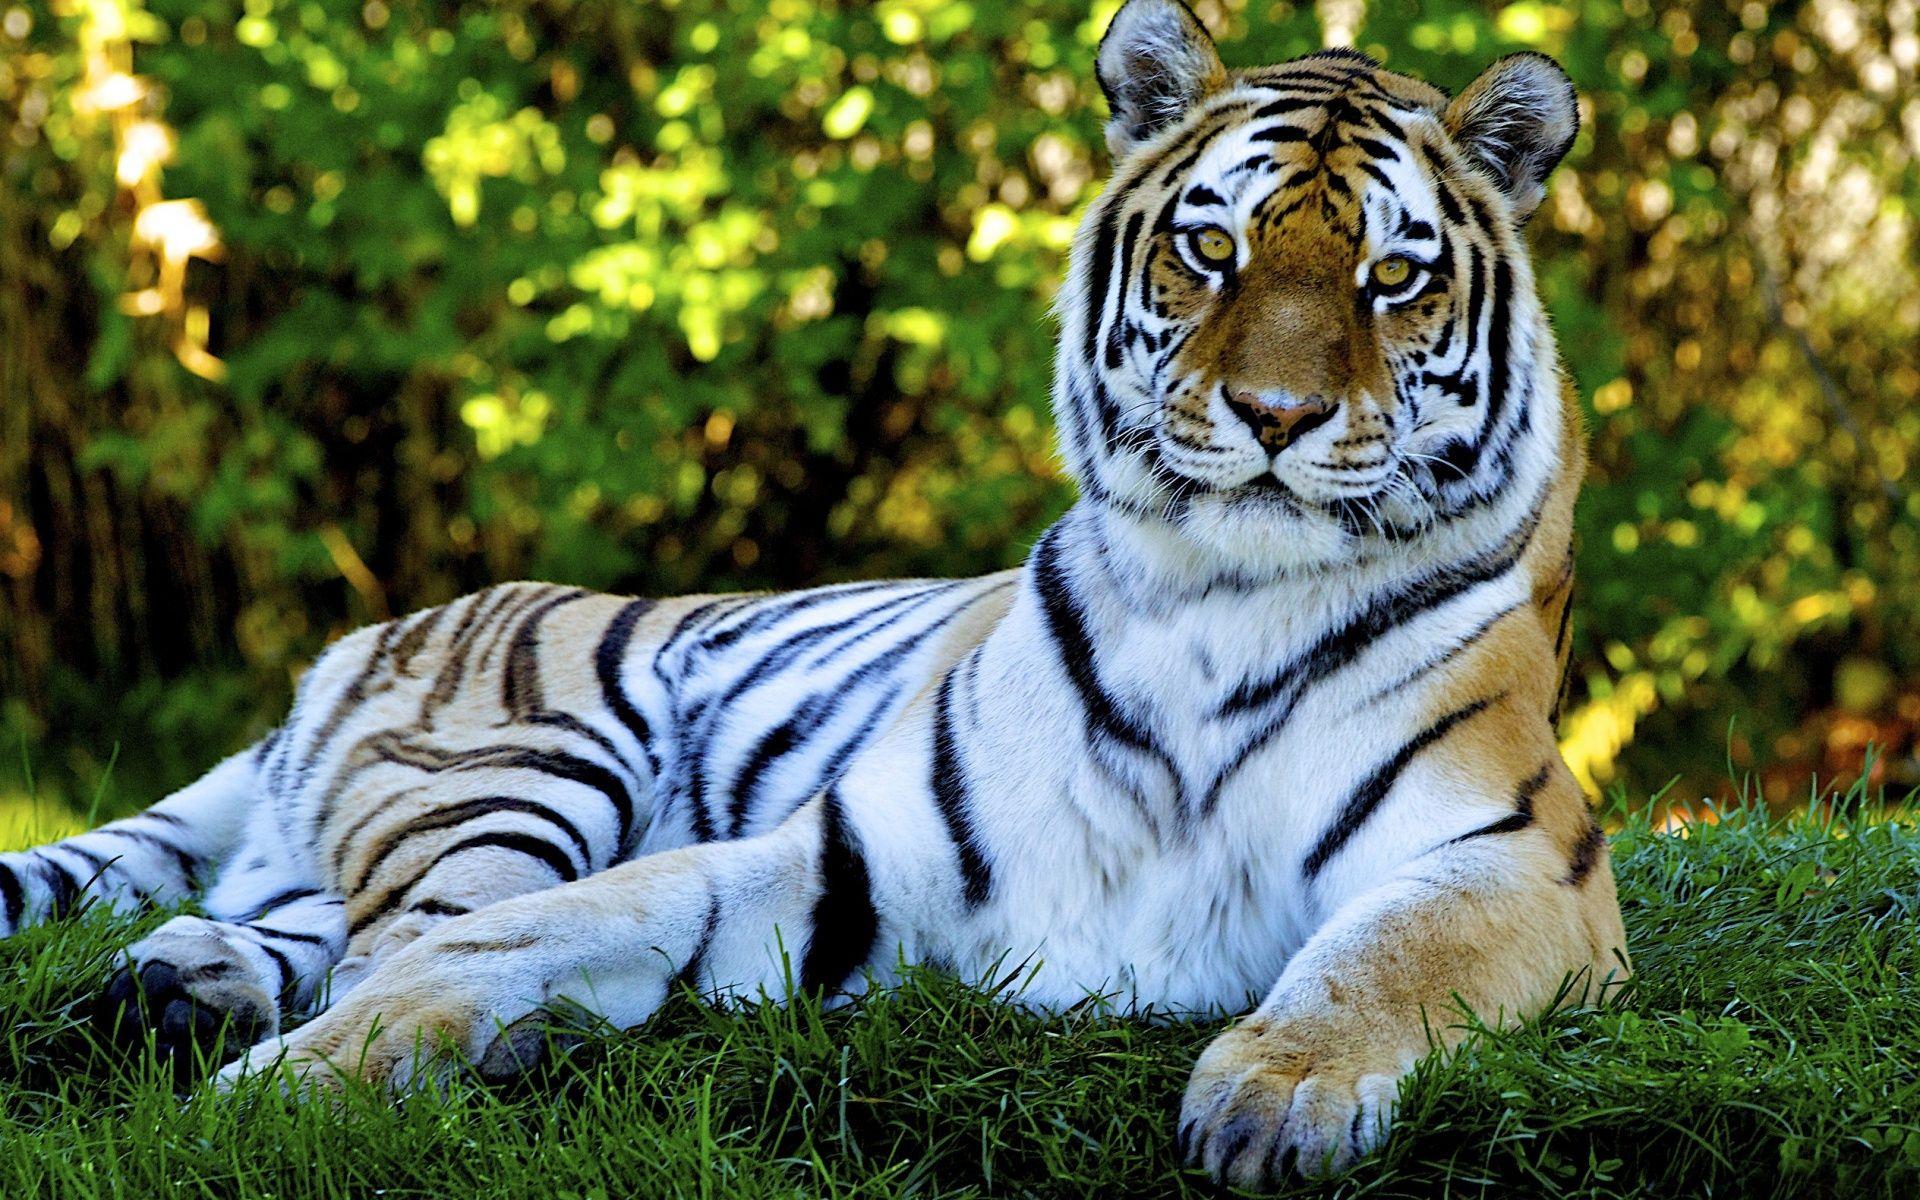 animated nature wallpapers for desktop - tiger desktop backgrounds